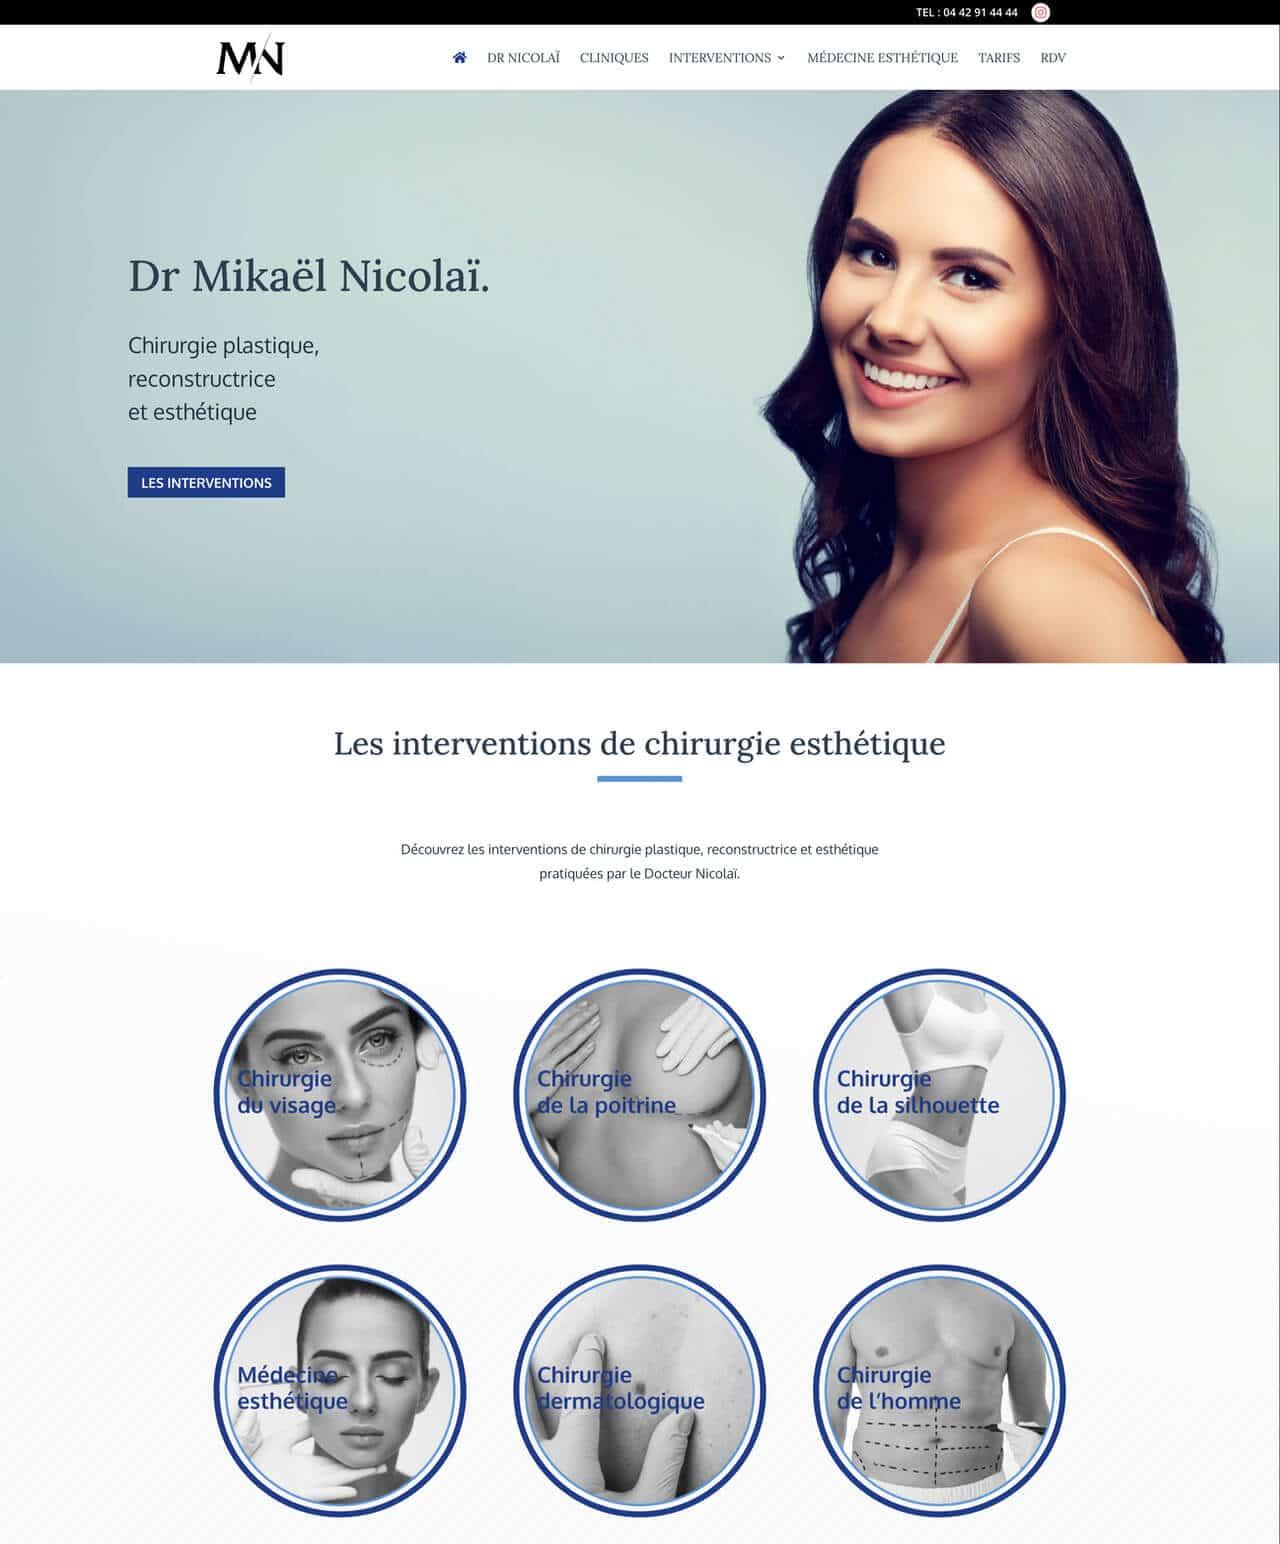 Création d'un site internet vitrine WordPress pour le Dr Nicolaï